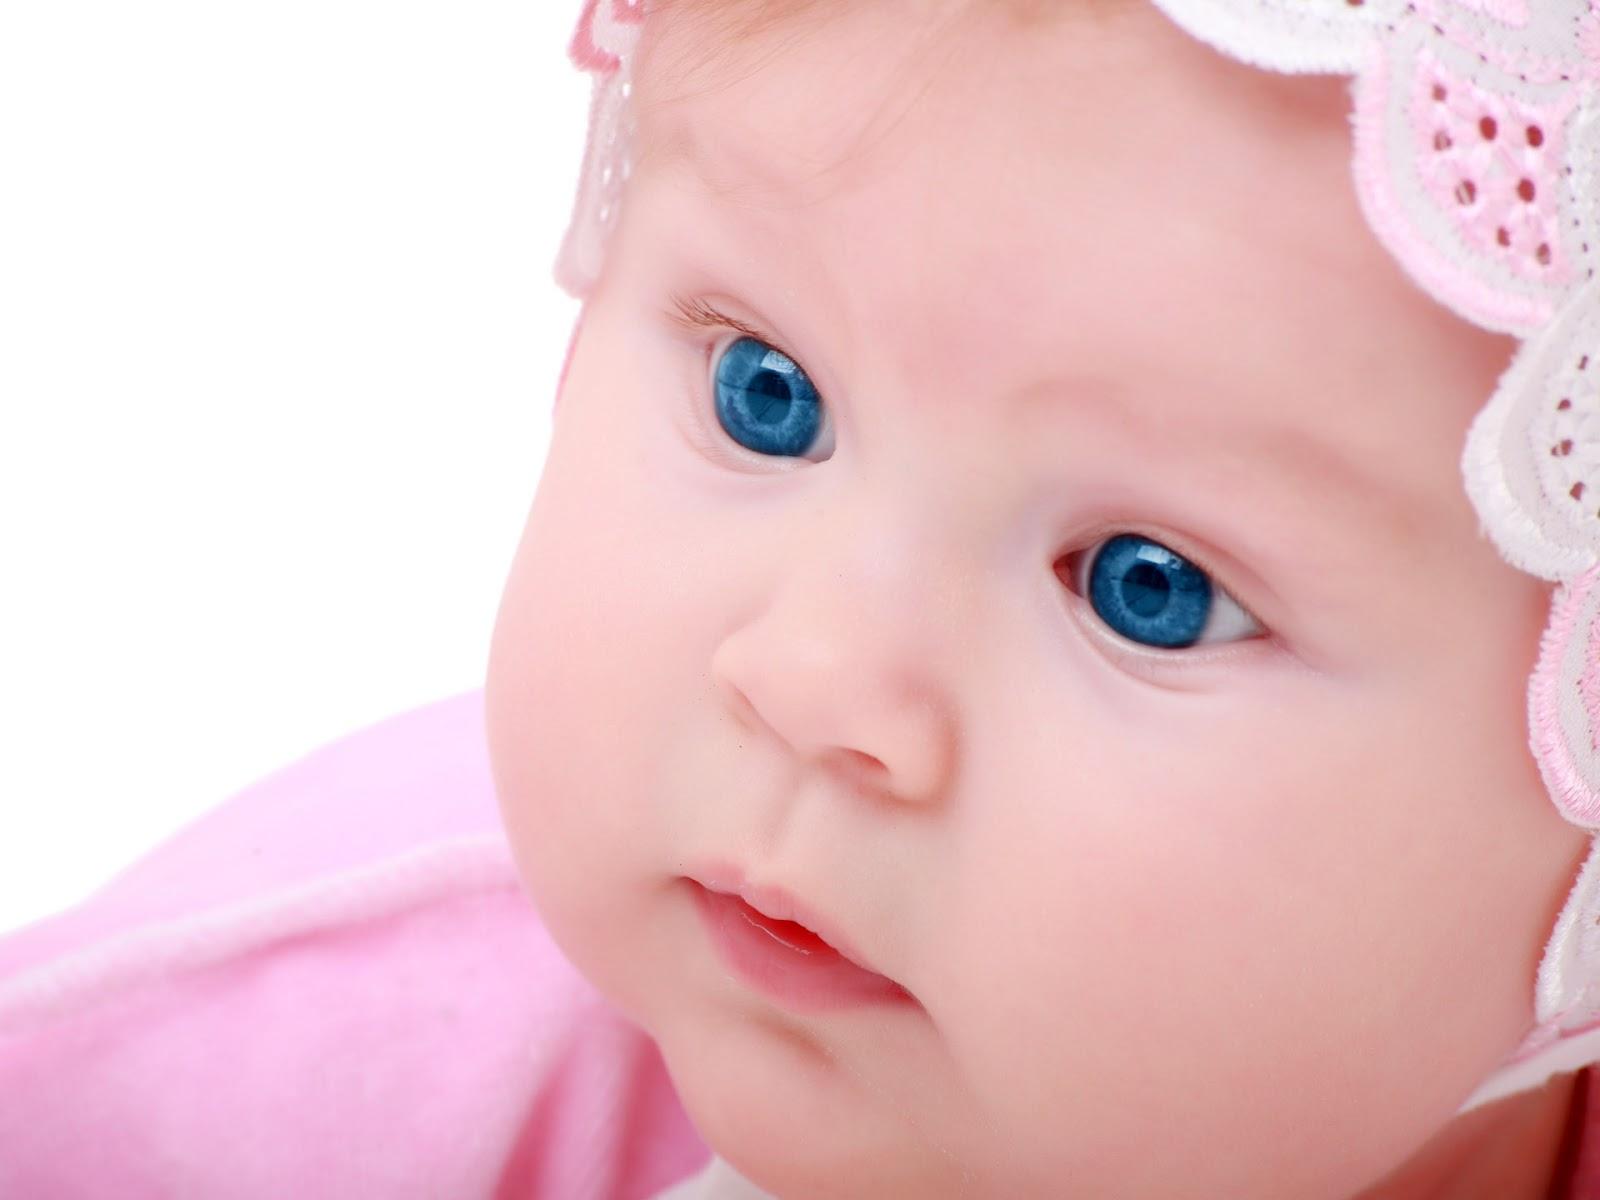 http://4.bp.blogspot.com/-Q501VCyPw3k/Tztwkxx32rI/AAAAAAAAANI/J6JOlvdxZaI/s1600/cute-baby-girl-hd-wallpaper.jpg